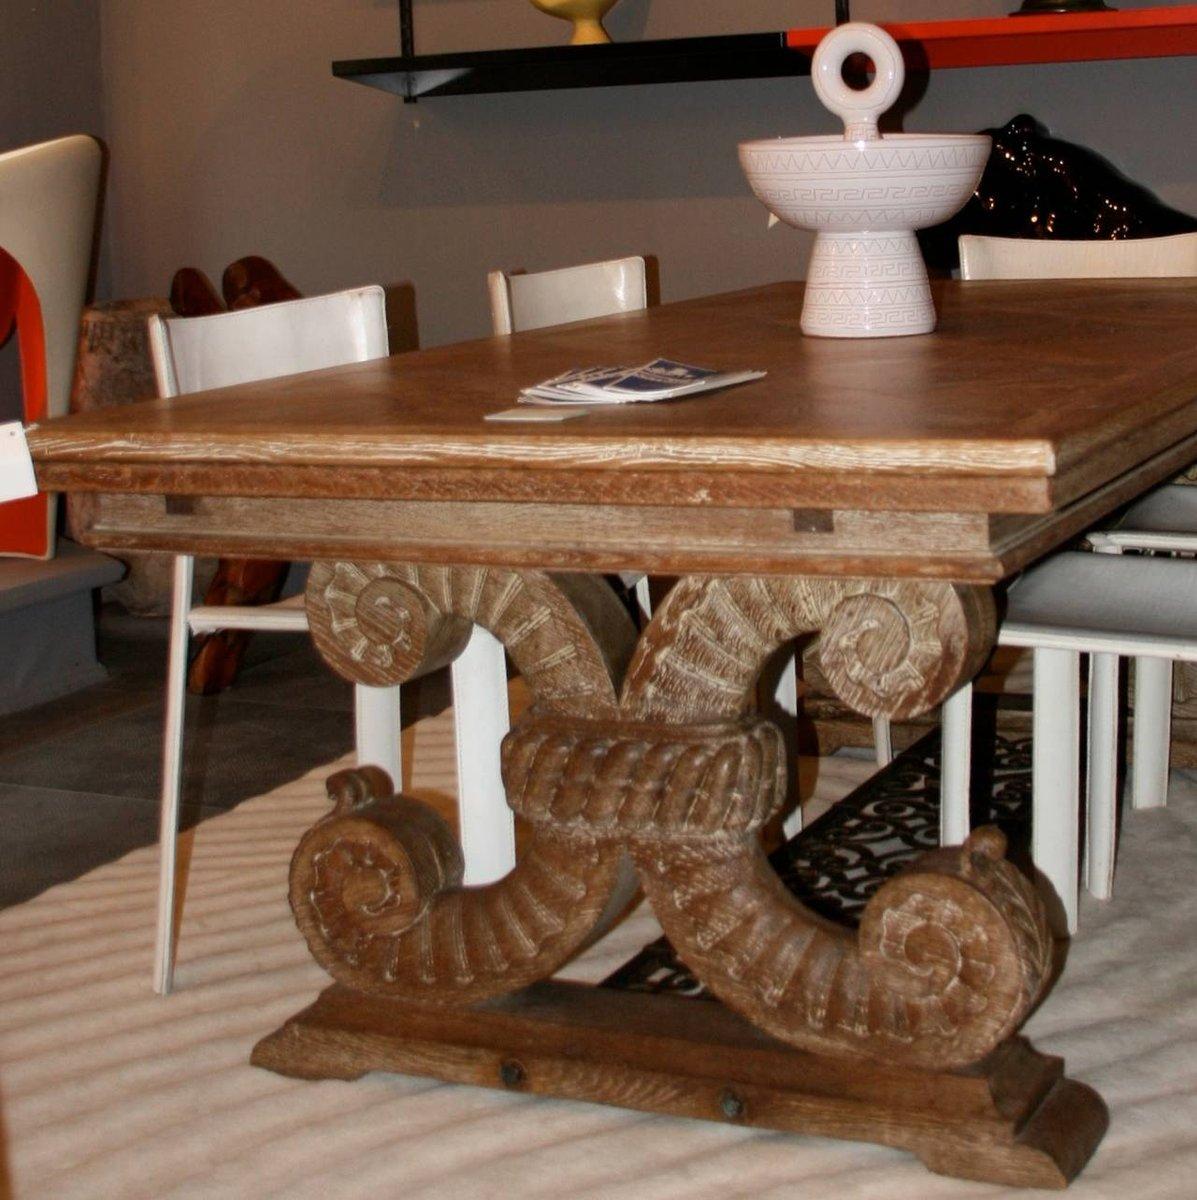 Table de salle manger art d co en ch ne et fer par jean charles moreux 1937 en vente sur pamono for Salle a manger jean